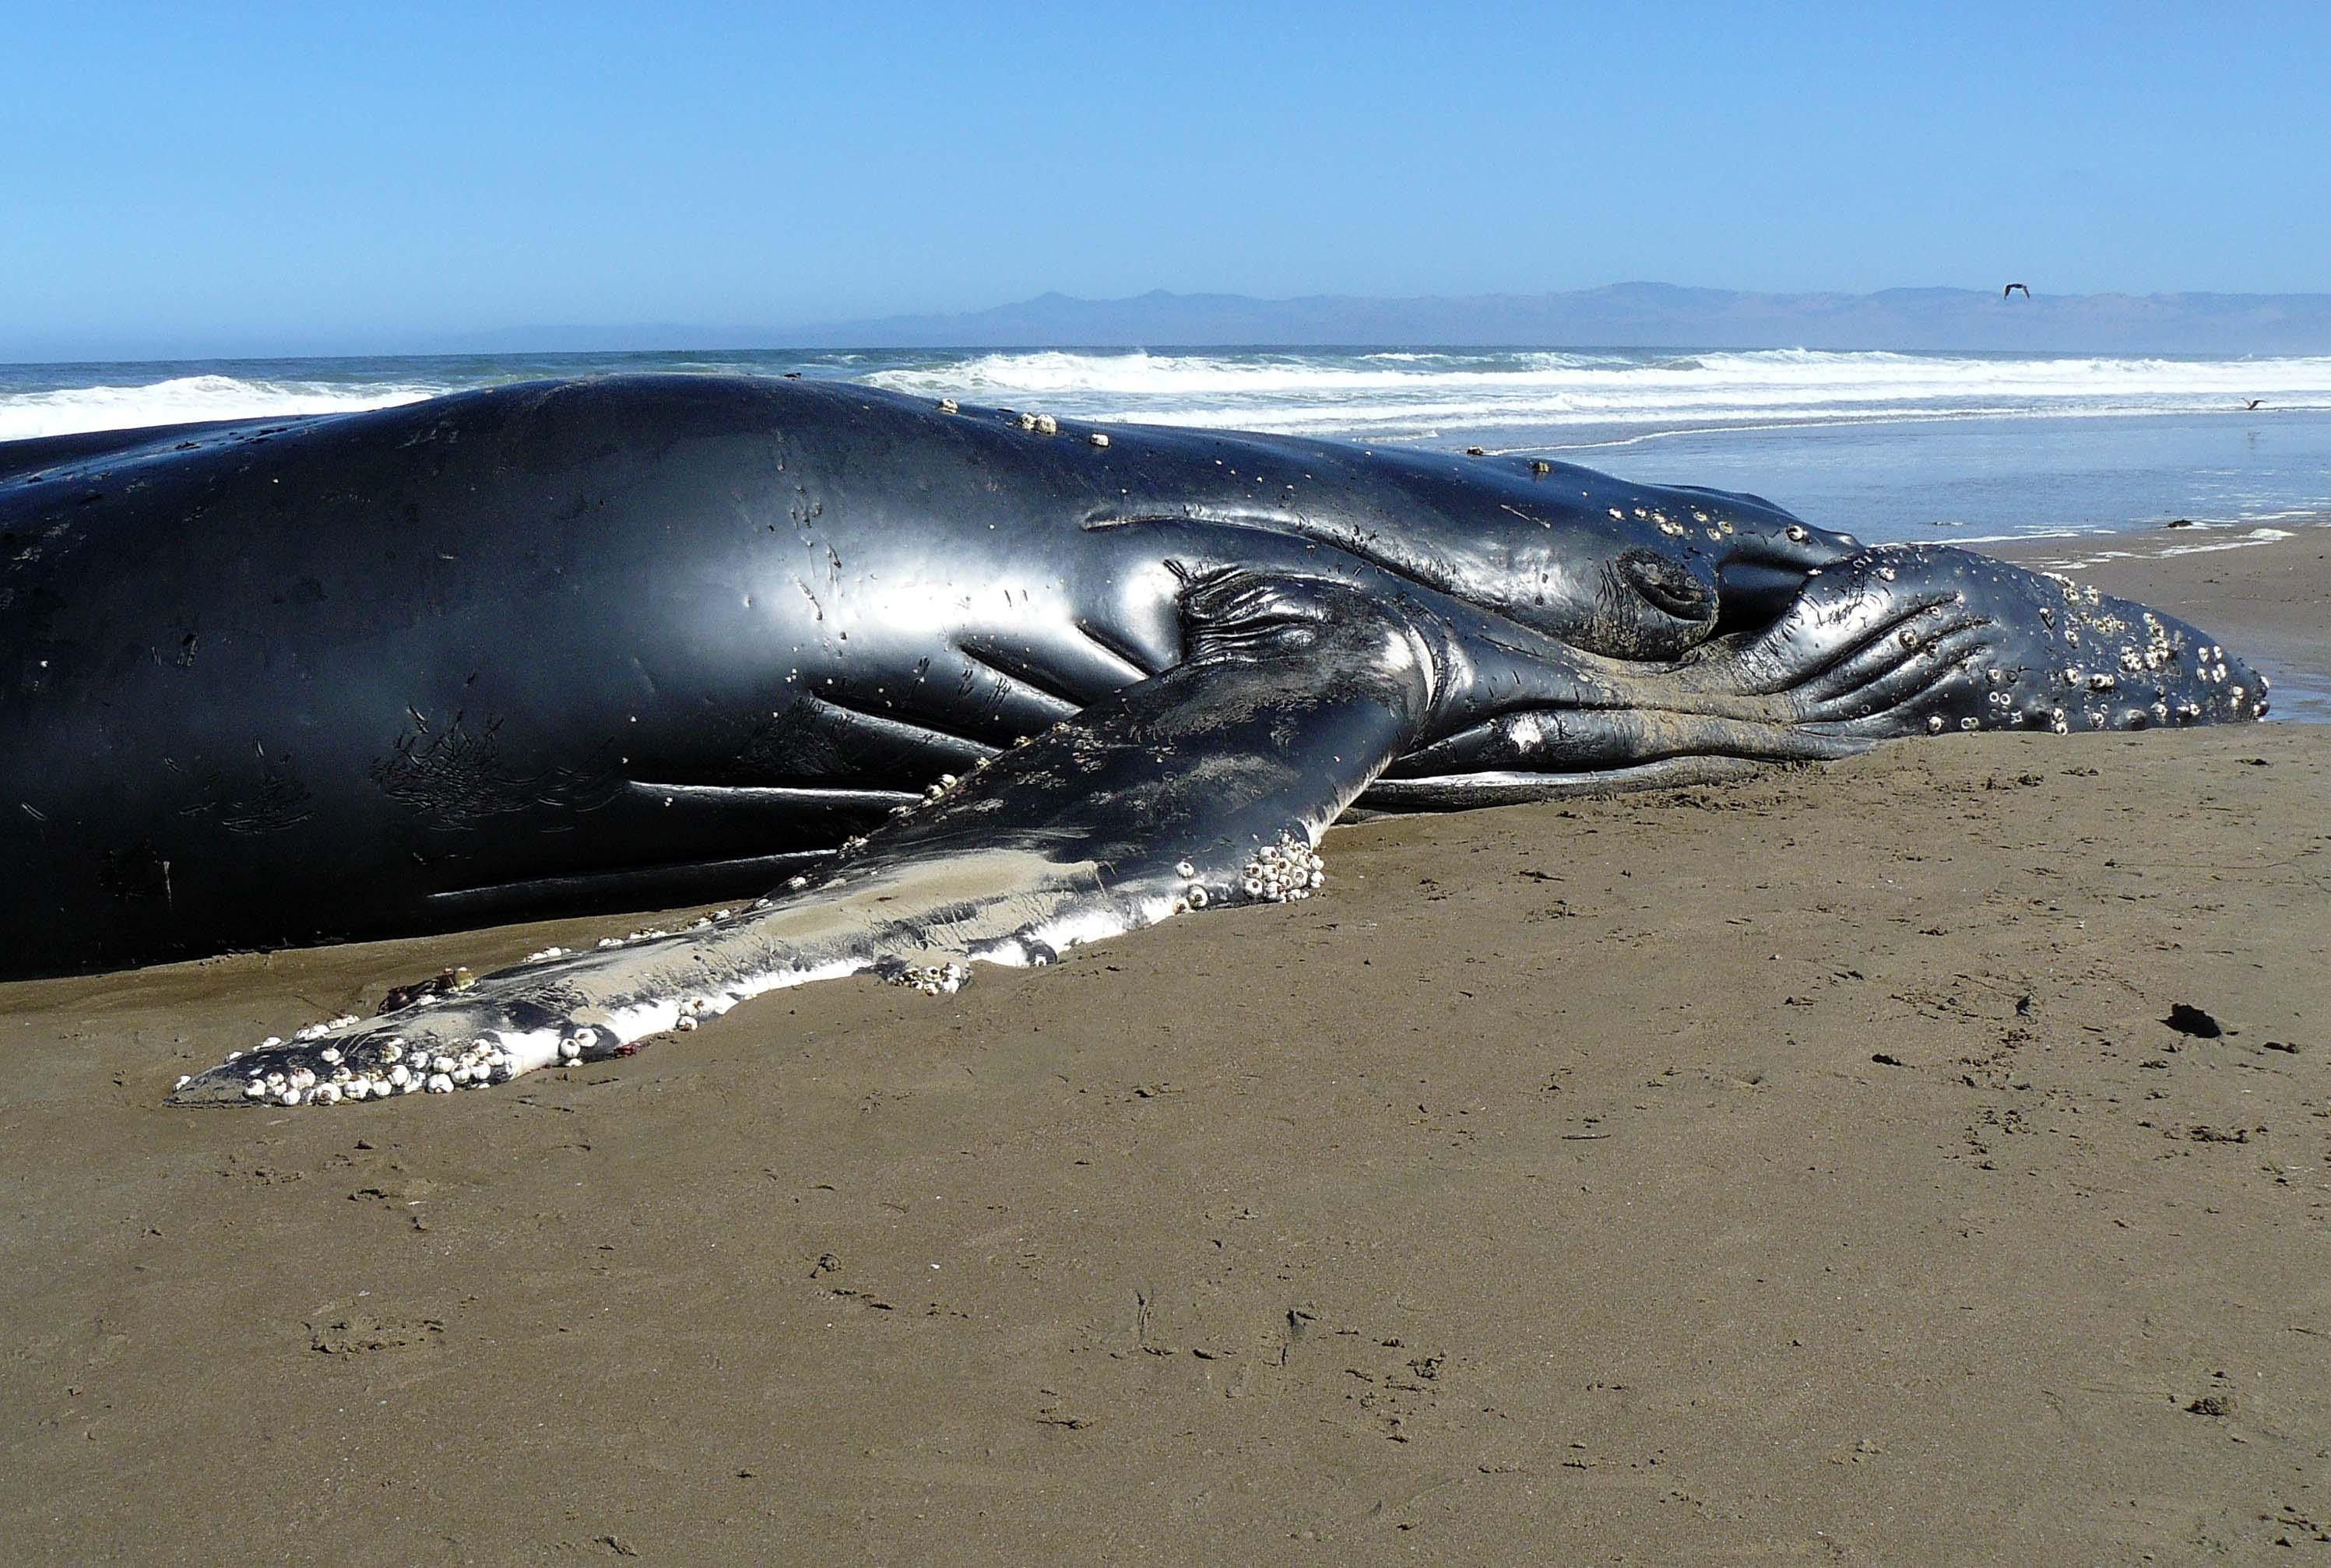 кит выбросился на берег картинка площадке маша всегда